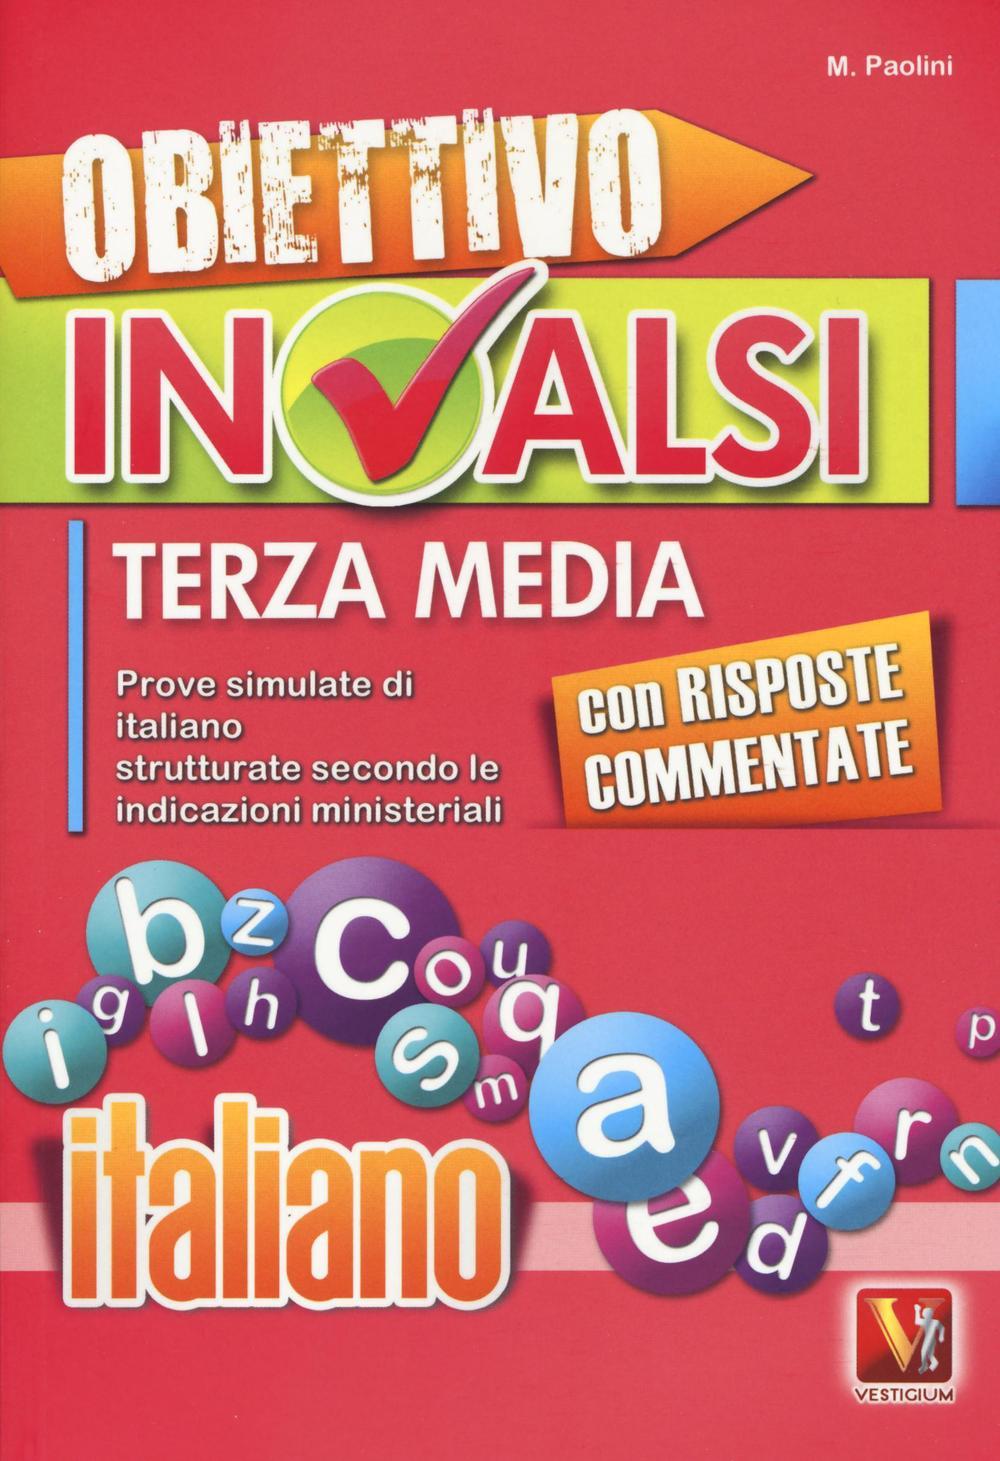 OBIETTIVO INVALSI TERZA MEDIA. PROVE SIMULATE DI ITALIANO STRUTTURATE SECONDO LE INDICAZIONI MINISTERIALI - Paolini Margherita - 9788873127840